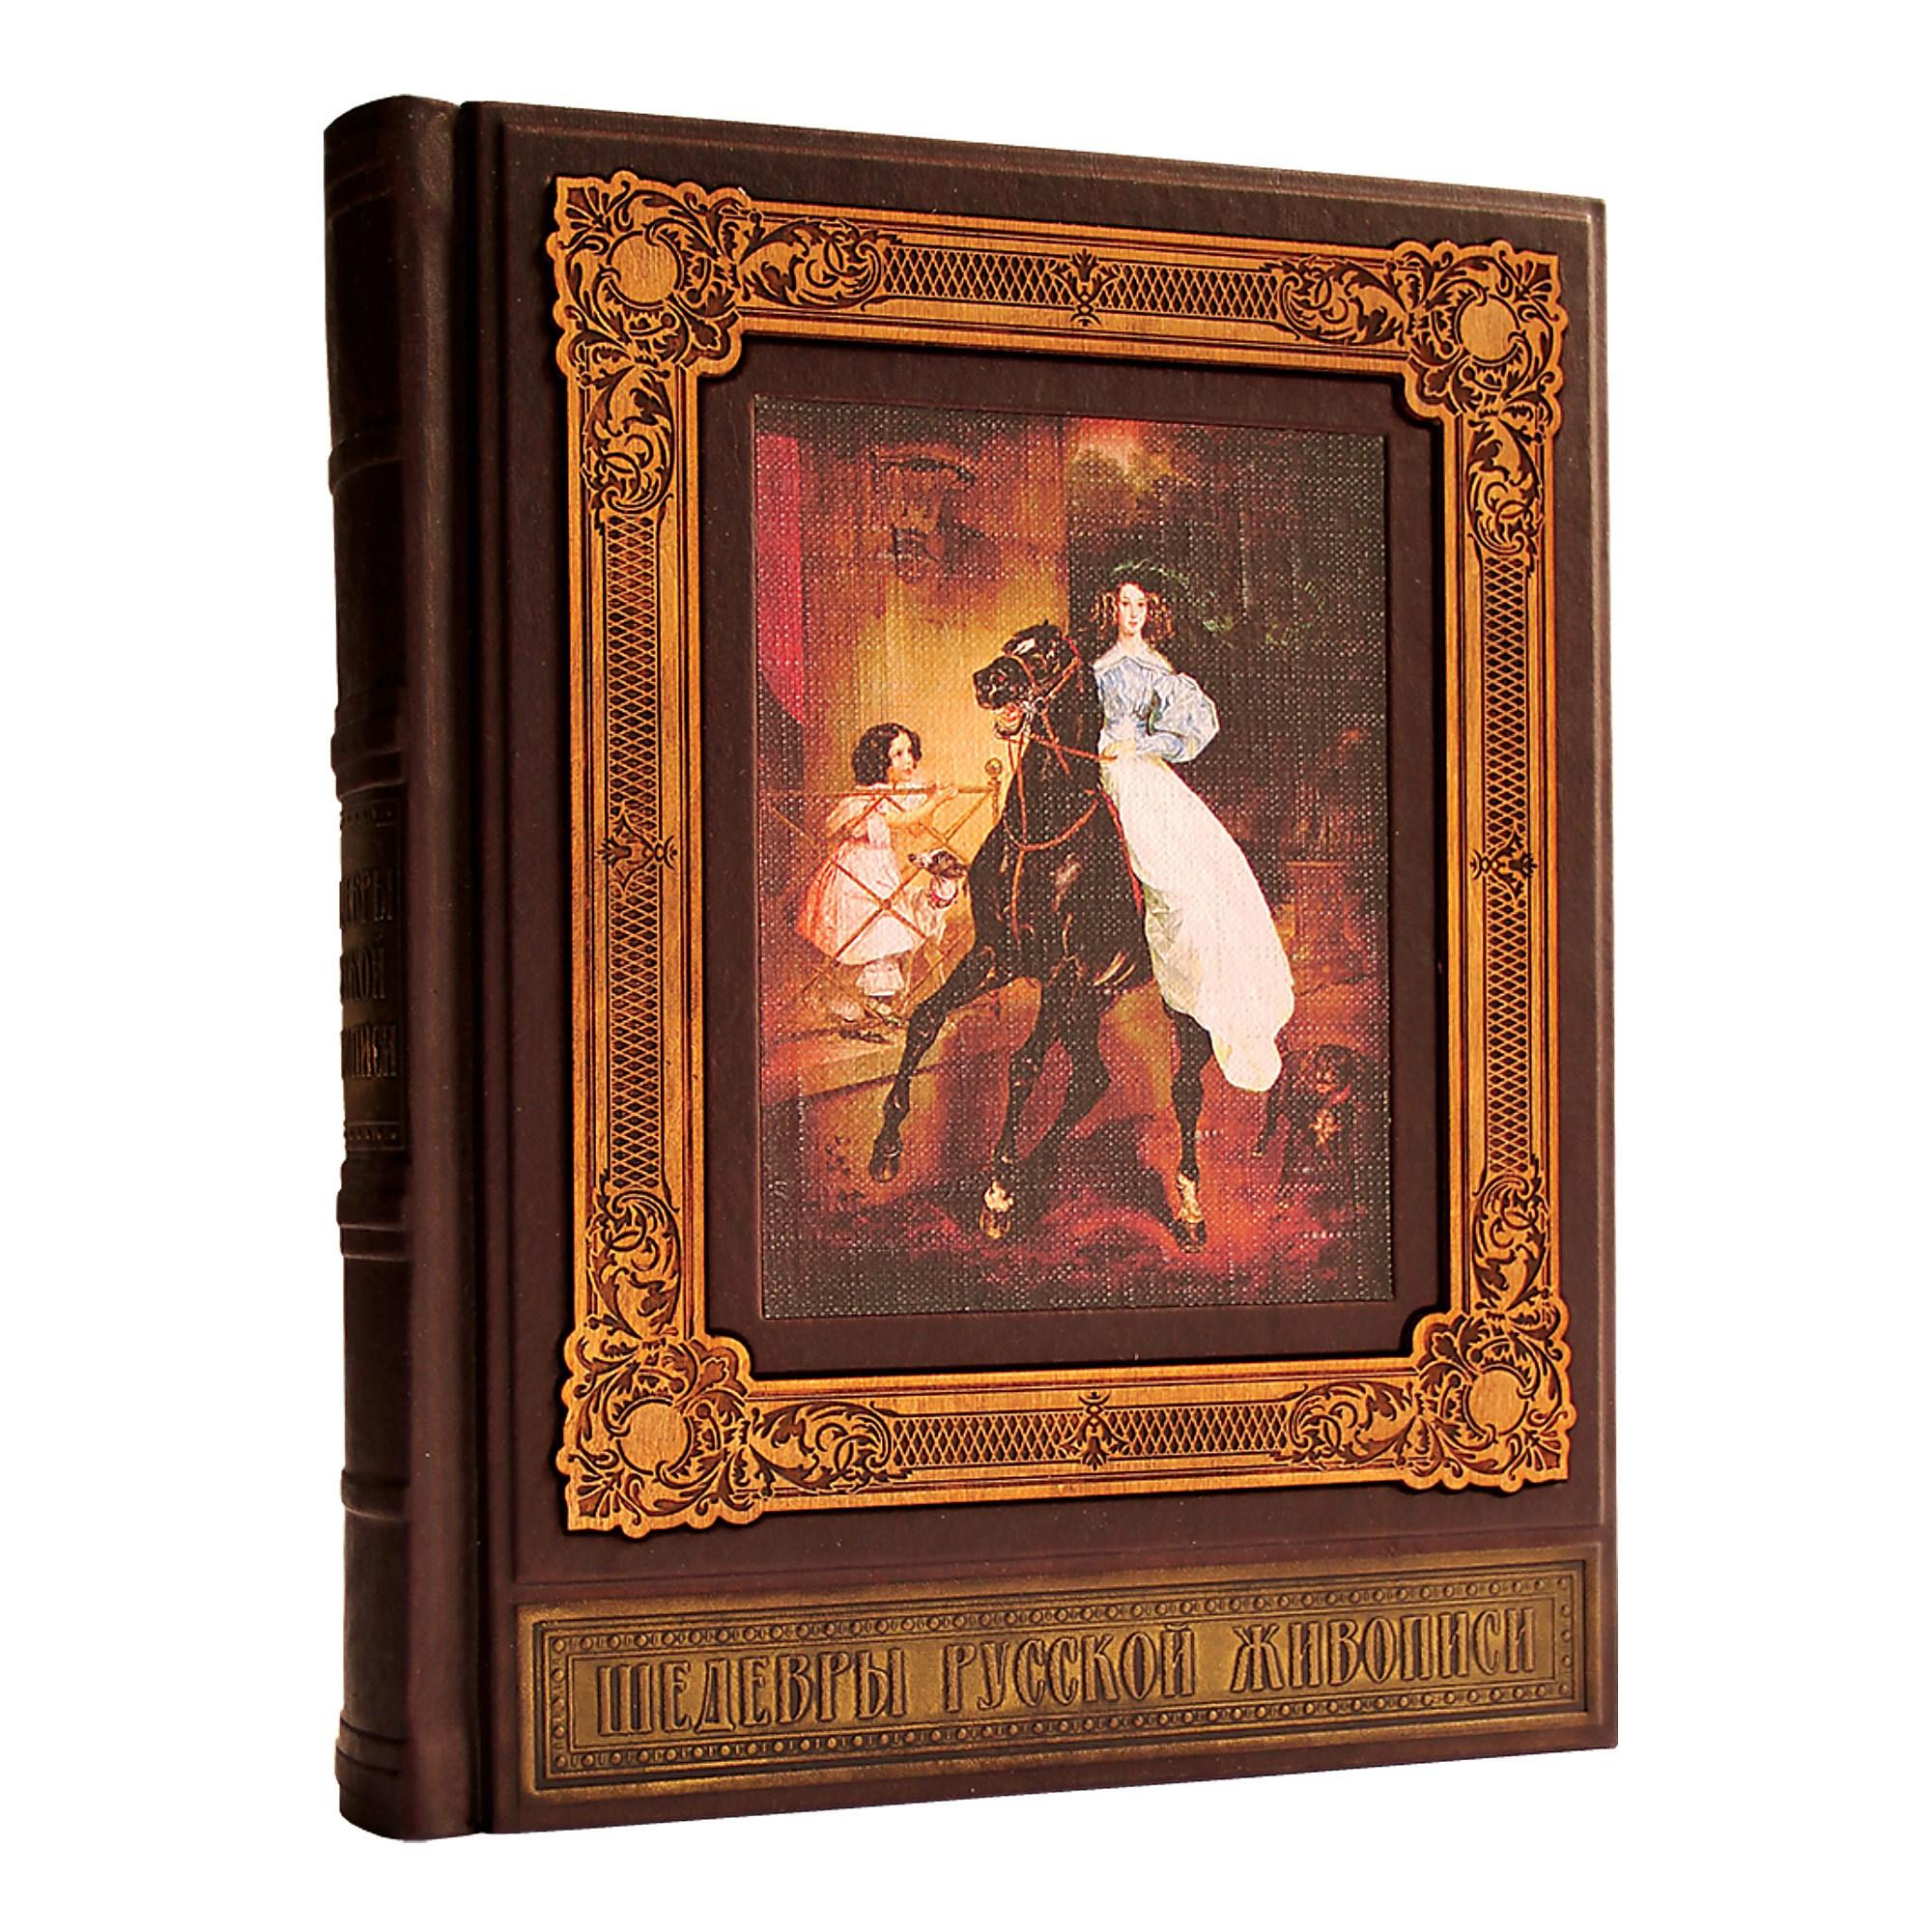 Подарочная книга Шедевры русской живописи